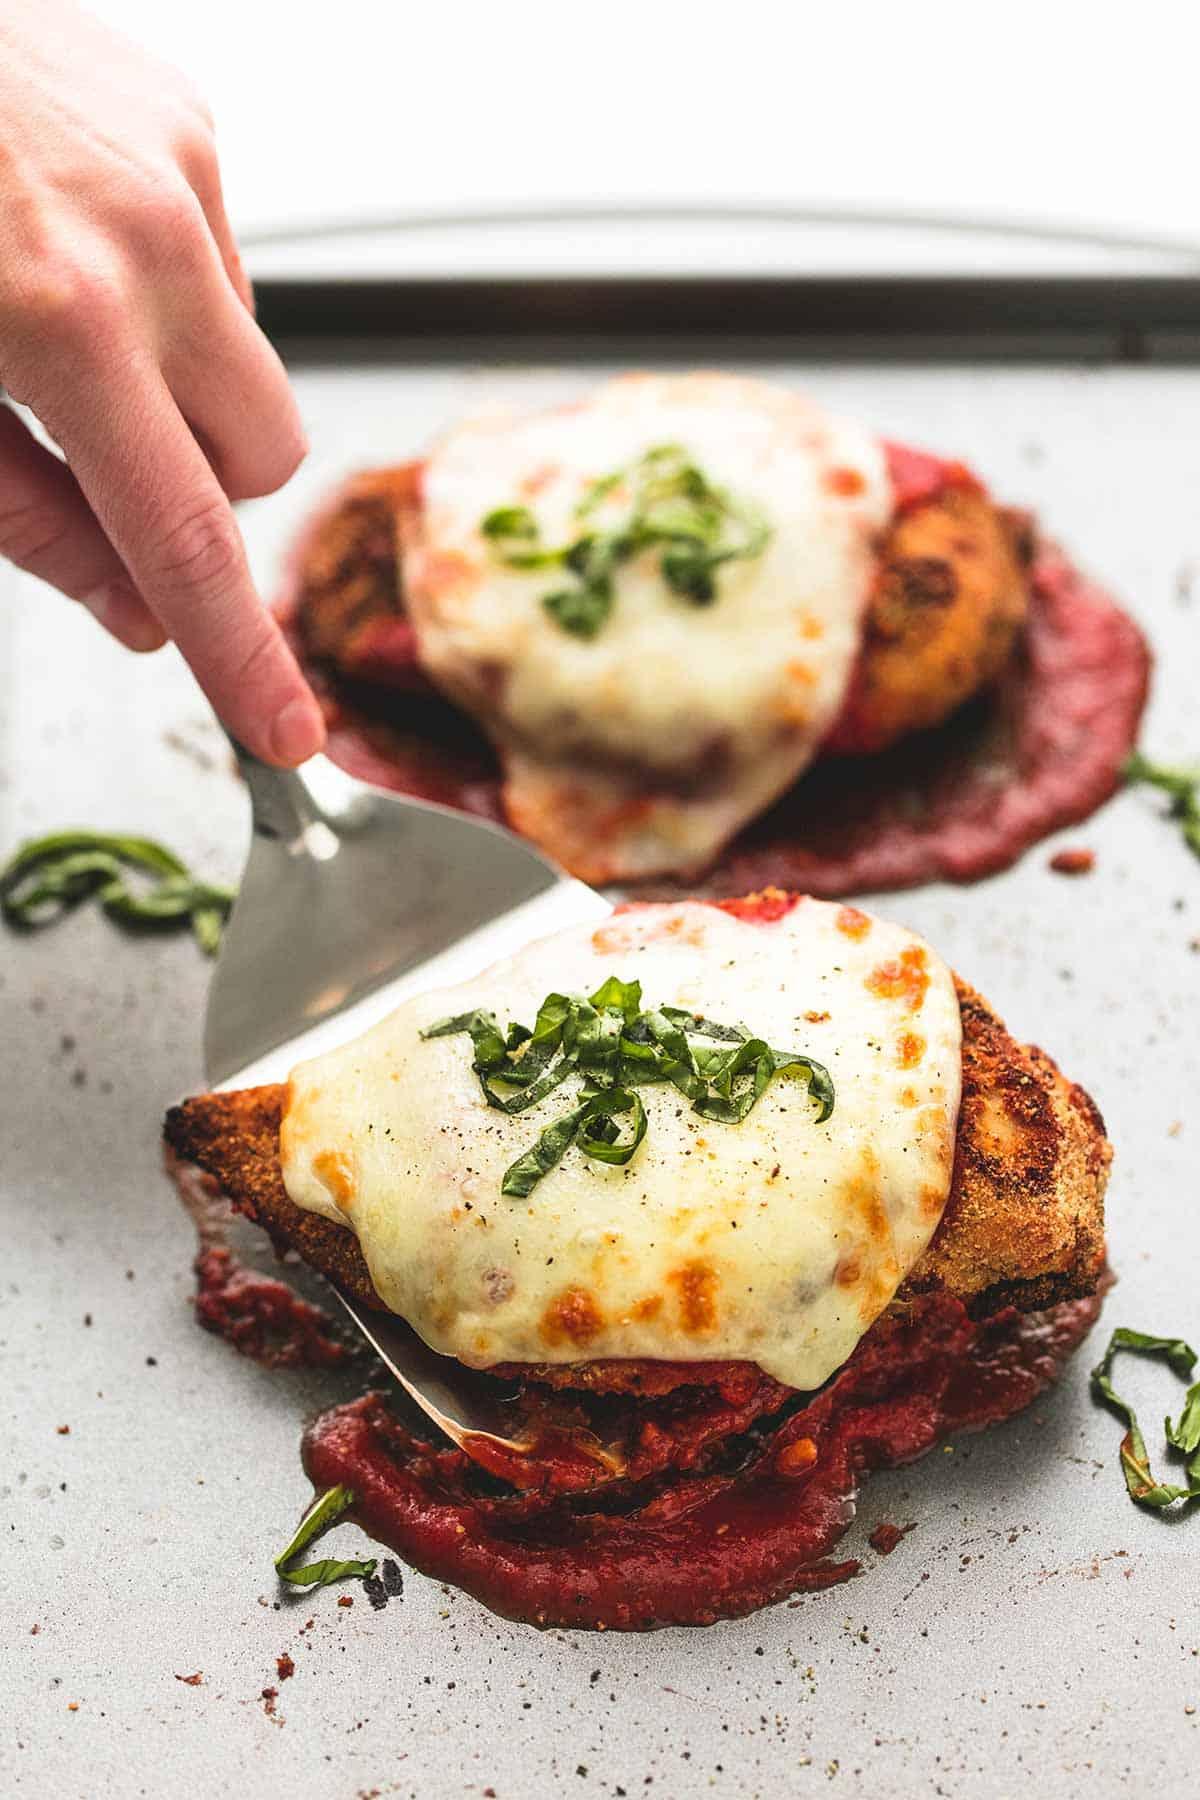 Healthy Baked Chicken Parmesan | lecremedelacrumb.com